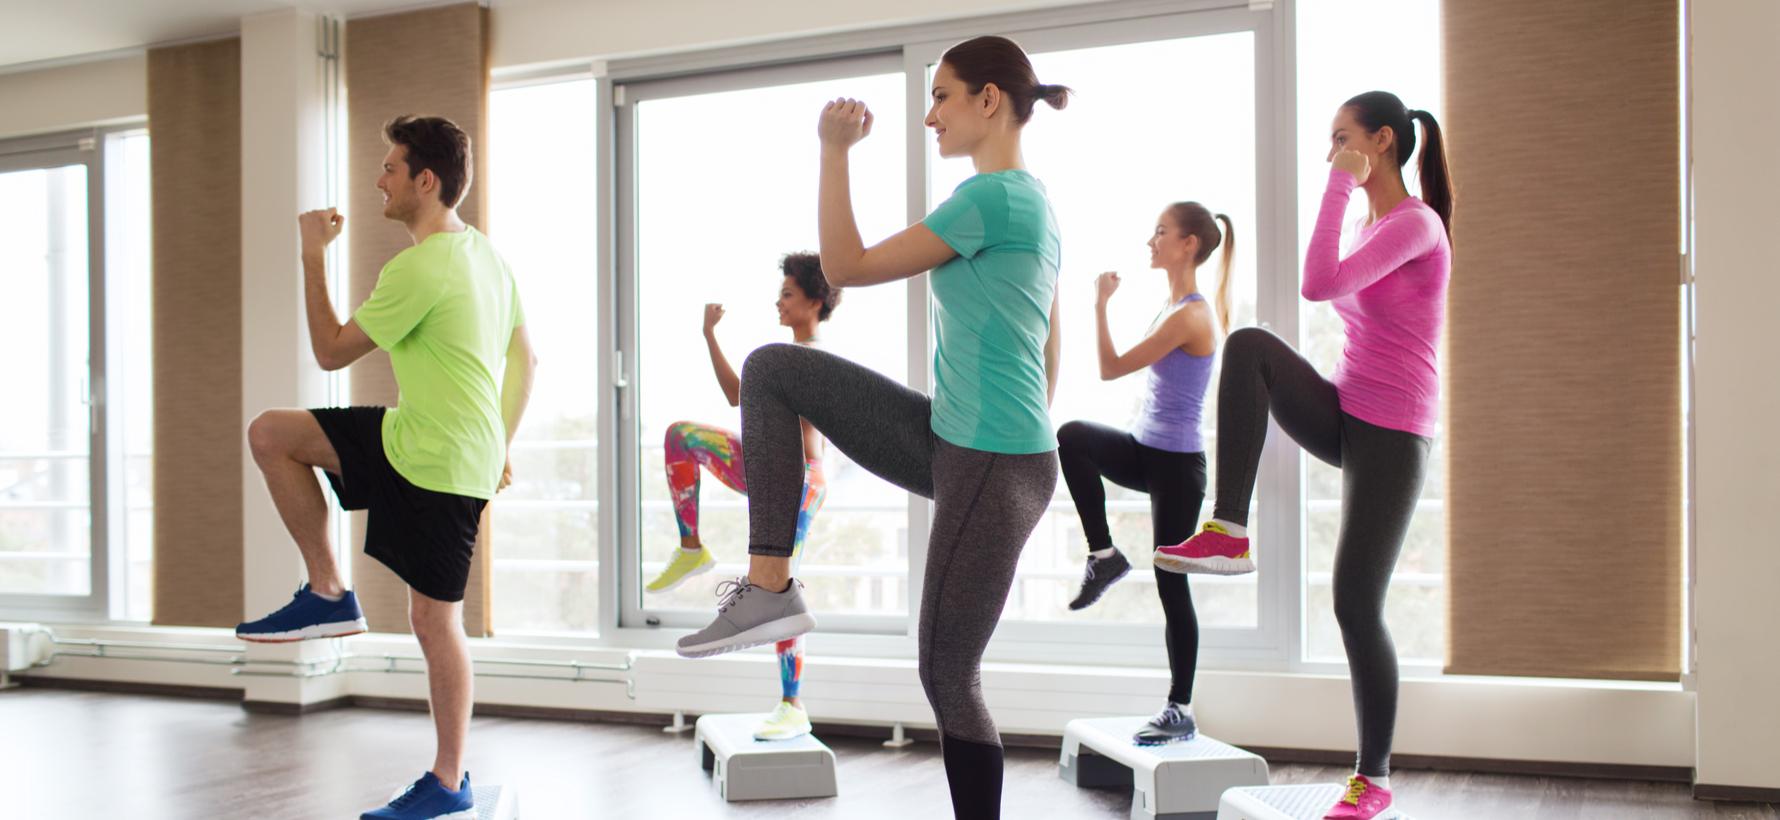 el ejercicio matutino disminuye el estres